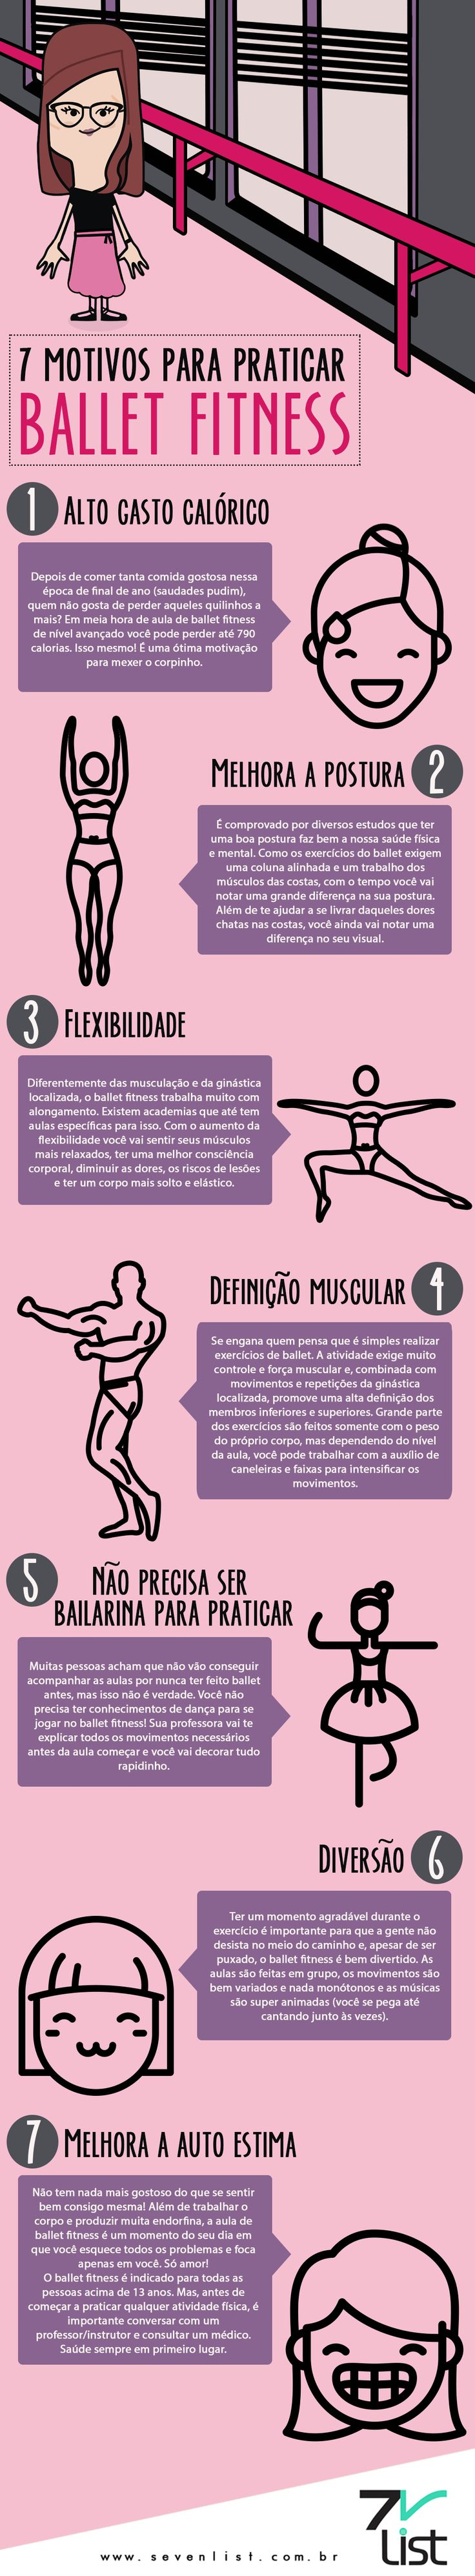 #Art #Infográfico #Desgin #SevenList #Dance #Dança #BalletFitness #Ballet #Balé #Workout #NewYear #Fit #Exercise #Ballet